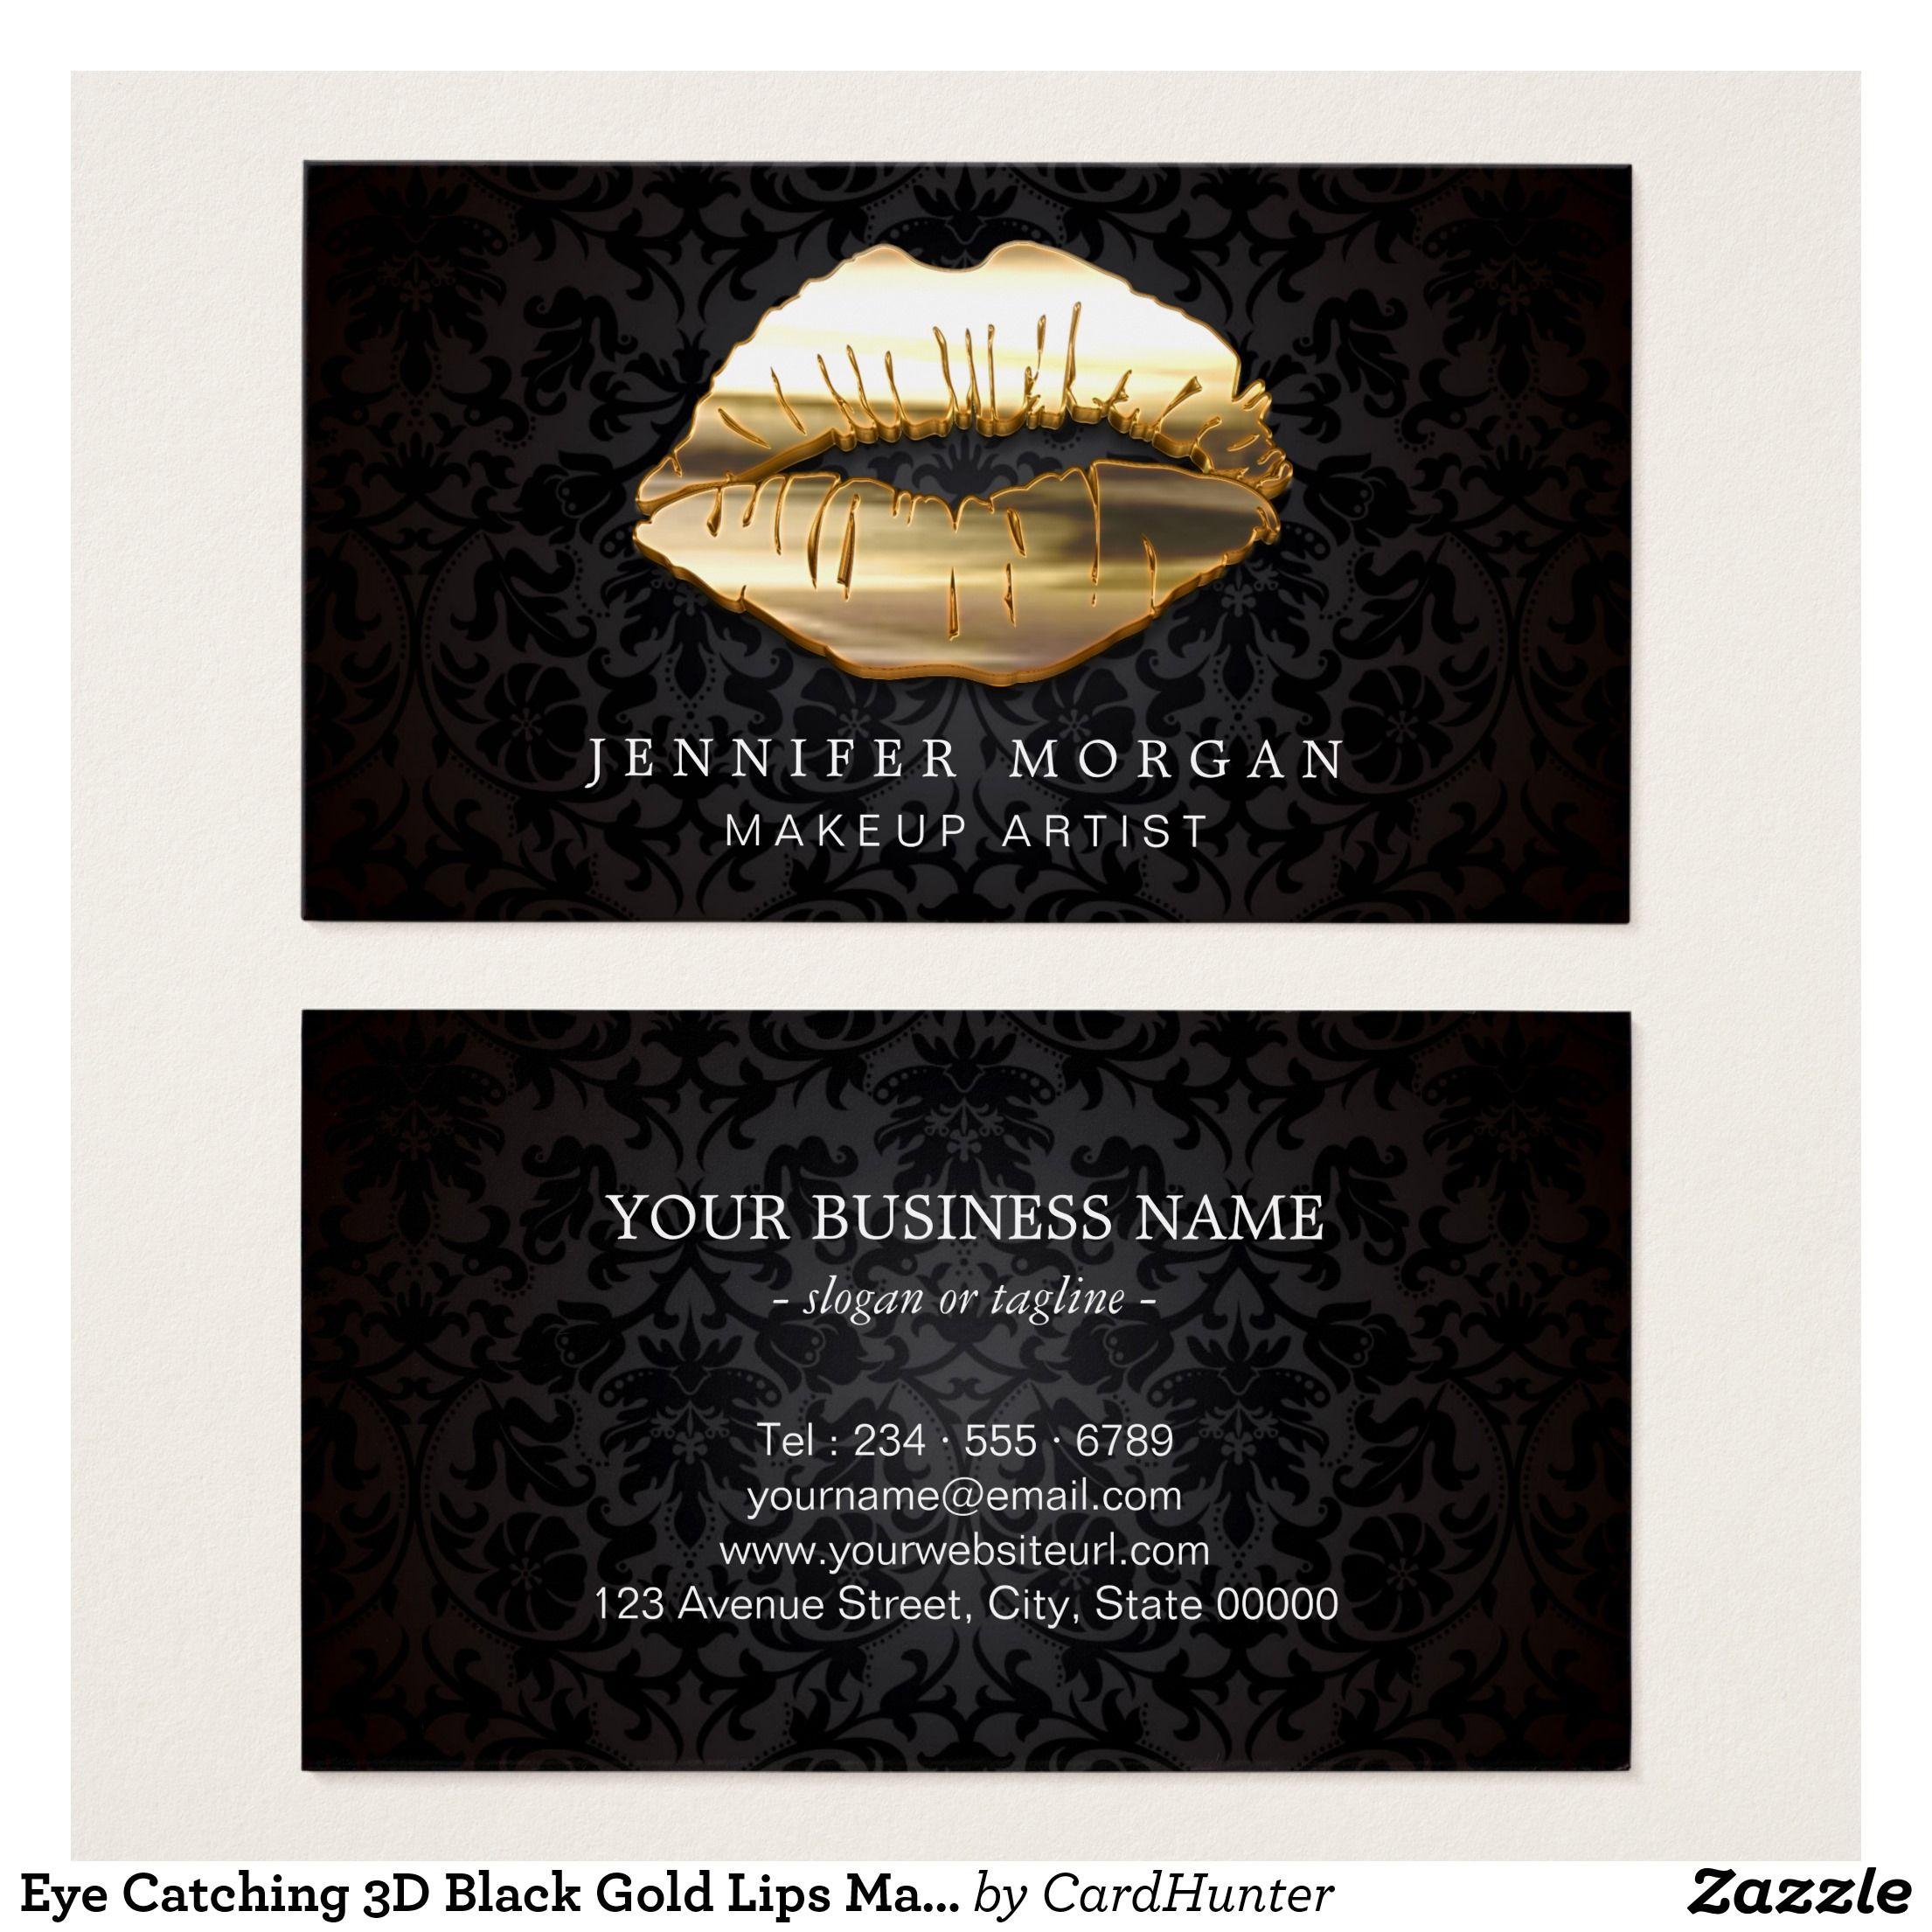 Eye Catching 3D Black Gold Lips Makeup Artist Business Card ...